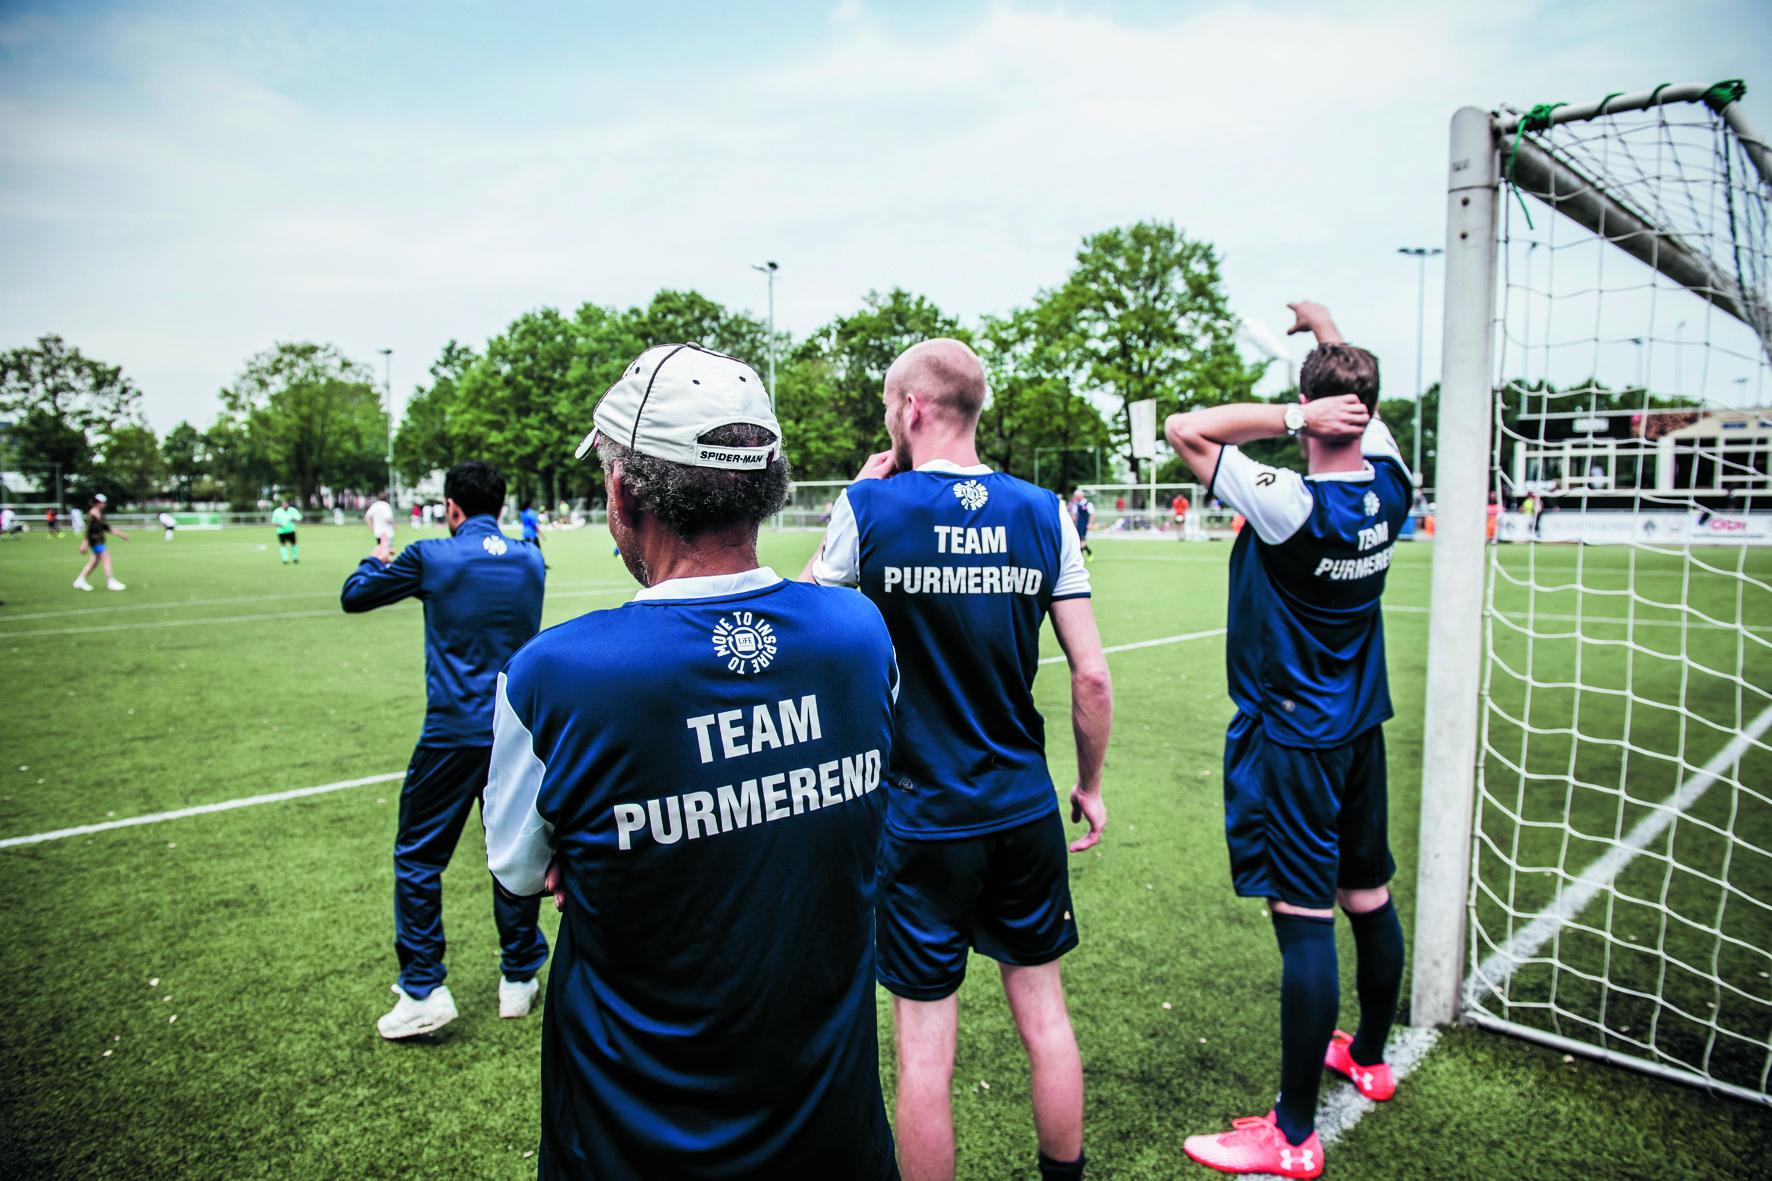 Het team van Life Goals Purmerend heeft al wel meegedaan aan enkele buitenactiviteiten. Zaterdag zijn ze actief in De Vaart. (Foto: Rennaert Ruinen/Ruinen Fotografie) rodi.nl © rodi